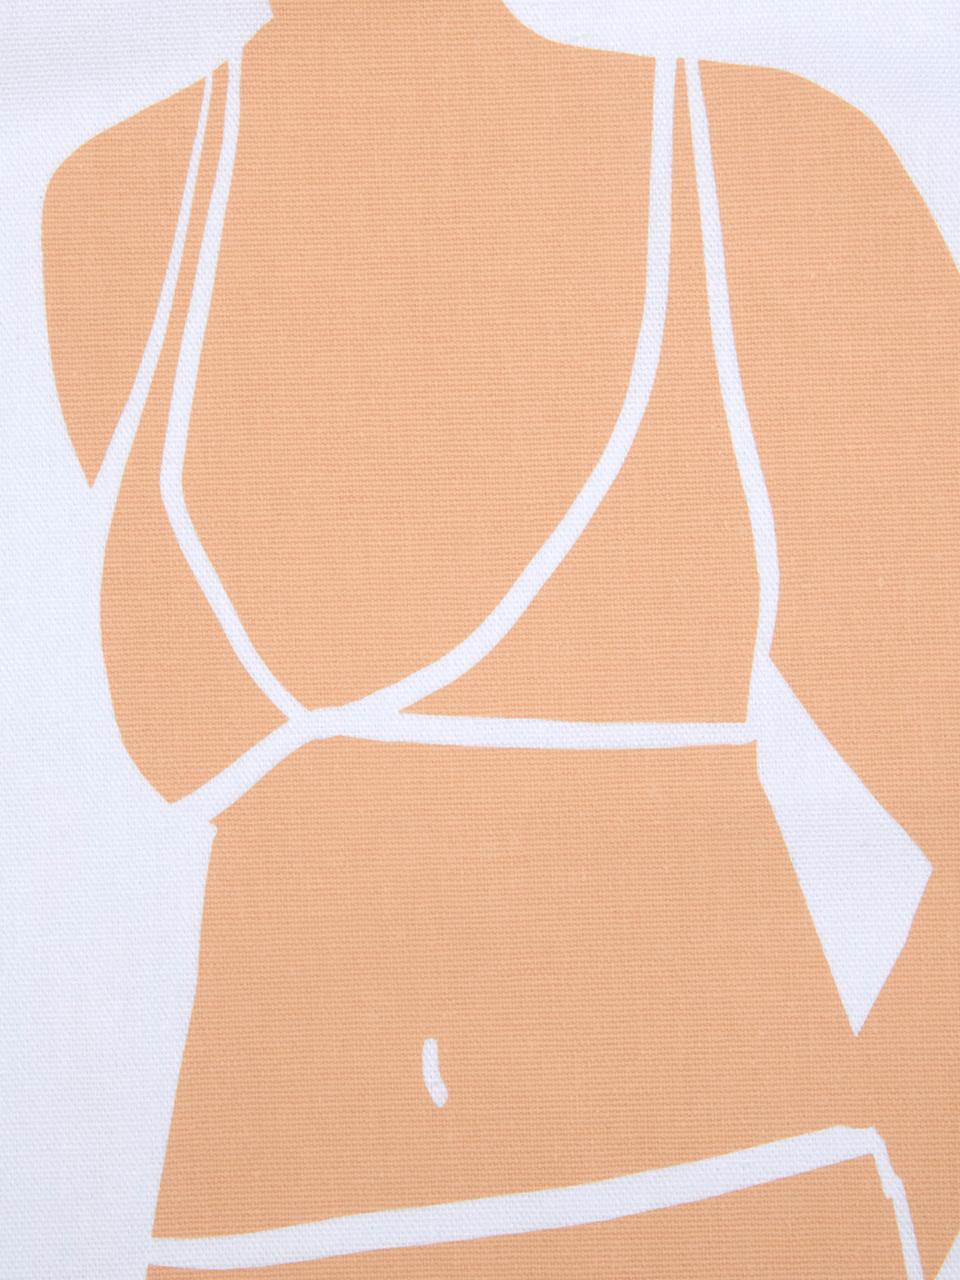 Design kussenhoes Body van Kera Till, 100% katoen, Wit, beige, bruin, 40 x 40 cm